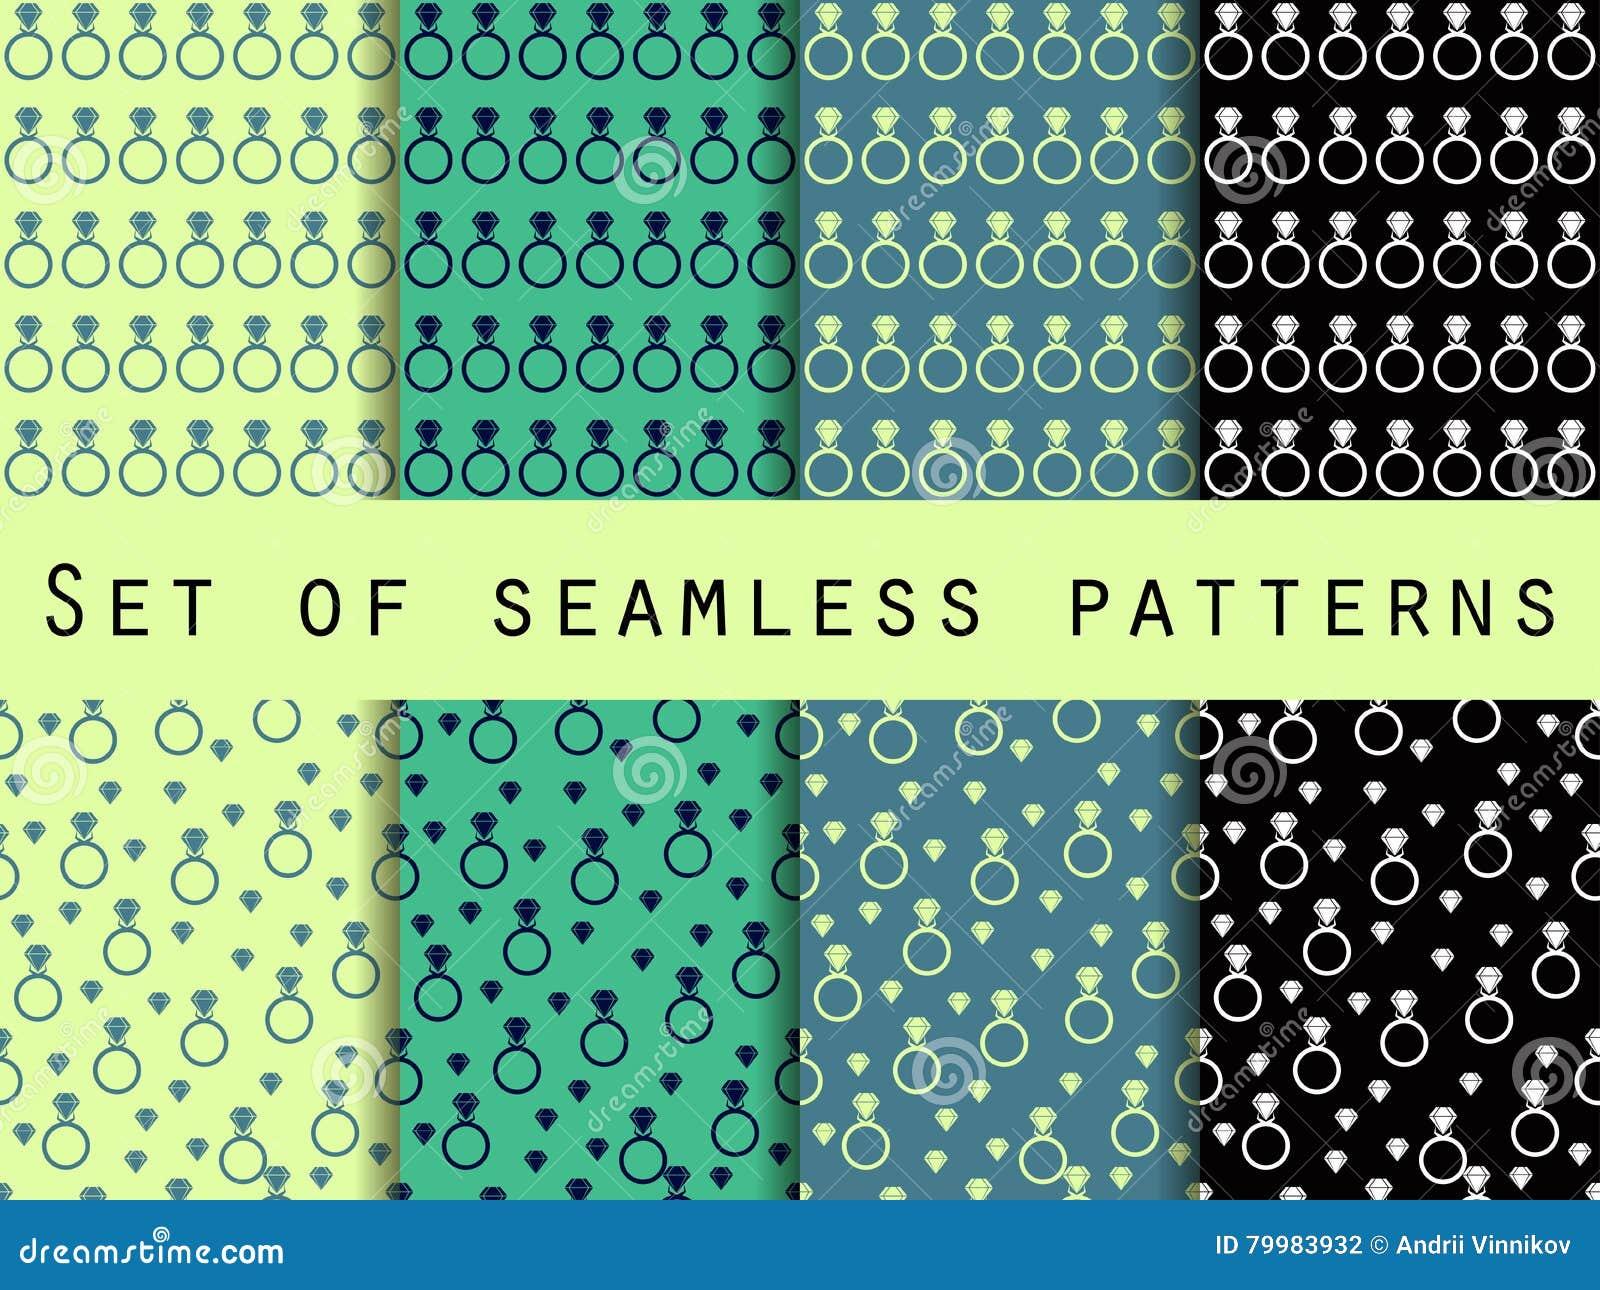 Seamless Diamond Patterns Vector Illustration ...